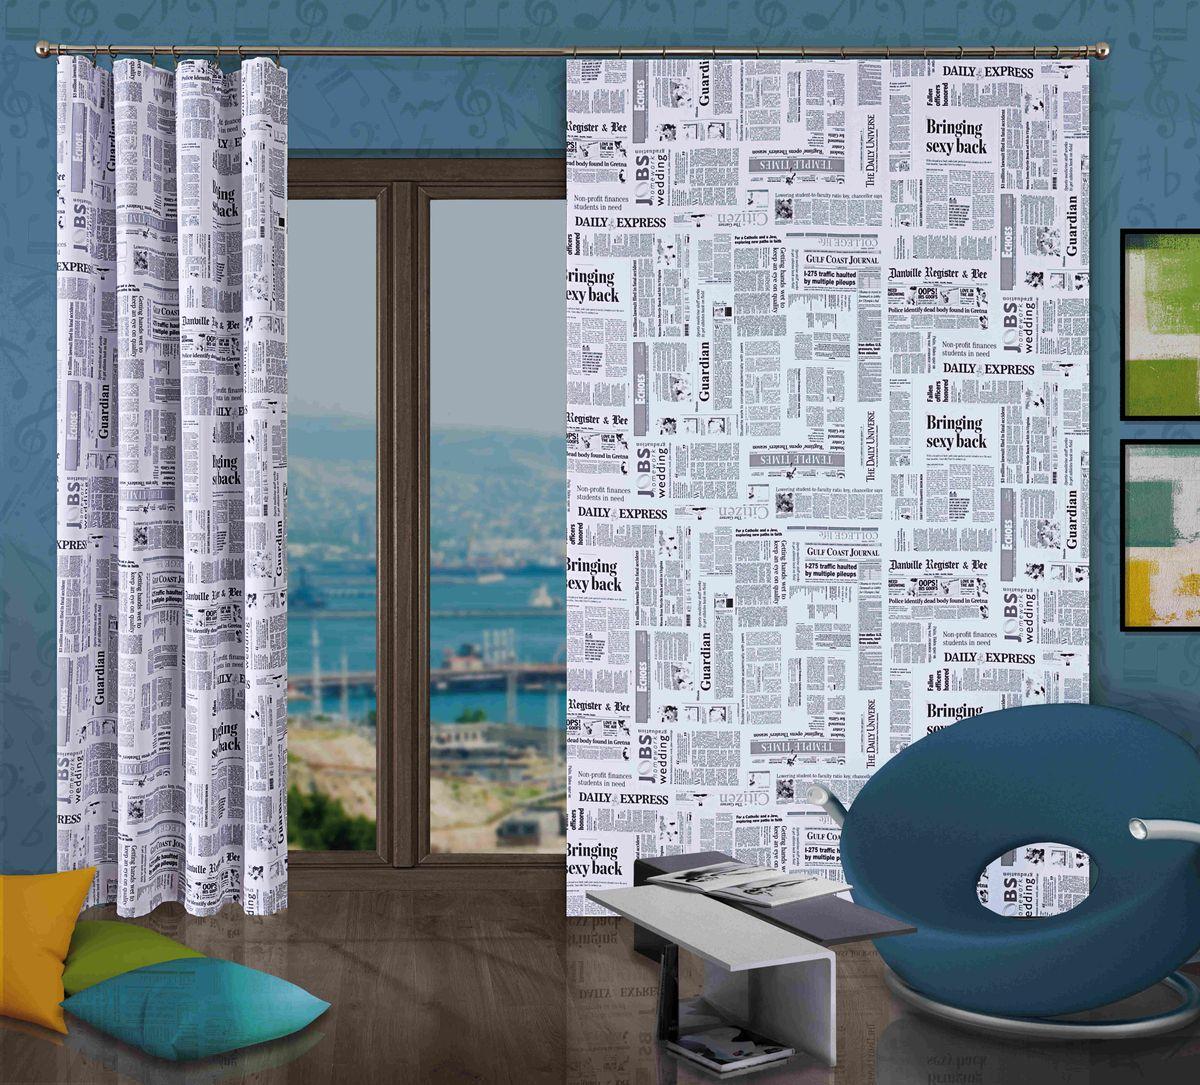 Комплект гардин-панно Wisan Gazeta, на ленте, цвет: белый, черный, высота 250 см267WКомплект гардин-панно Wisan Gazeta, изготовленный из полиэстера, станет великолепным украшением любого окна. В комплект входят 2 белые гардины с изображением газетных статей. Качественный материал, оригинальный дизайн и приятная цветовая гамма привлекут к себе внимание и органично впишутся в интерьер. Комплект оснащен шторной лентой для красивой сборки. Размер гардин-панно: 150 см х 250 см. Фирма Wisan на польском рынке существует уже более пятидесяти лет и является одной из лучших польских фабрик по производству штор и тканей. Ассортимент фирмы представлен готовыми комплектами штор для гостиной, детской, кухни, а также текстилем для кухни (скатерти, салфетки, дорожки, кухонные занавески). Модельный ряд отличает оригинальный дизайн, высокое качество. Ассортимент продукции постоянно пополняется.